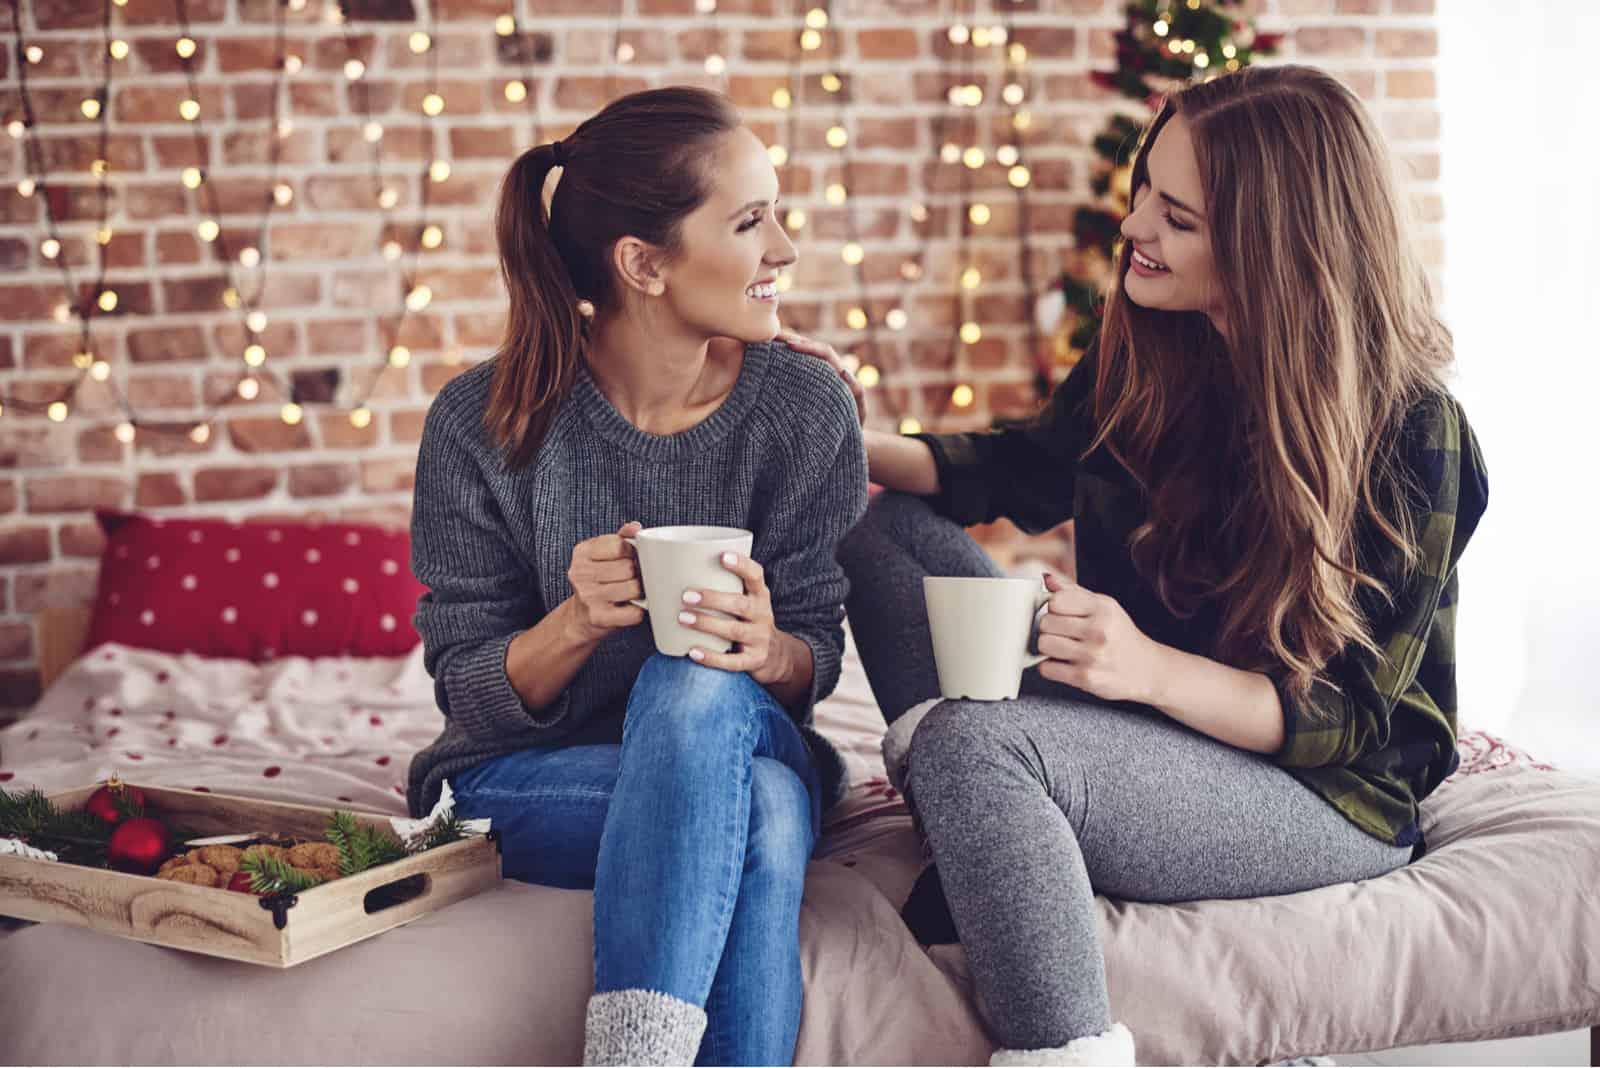 deux amis discutant autour d'un café